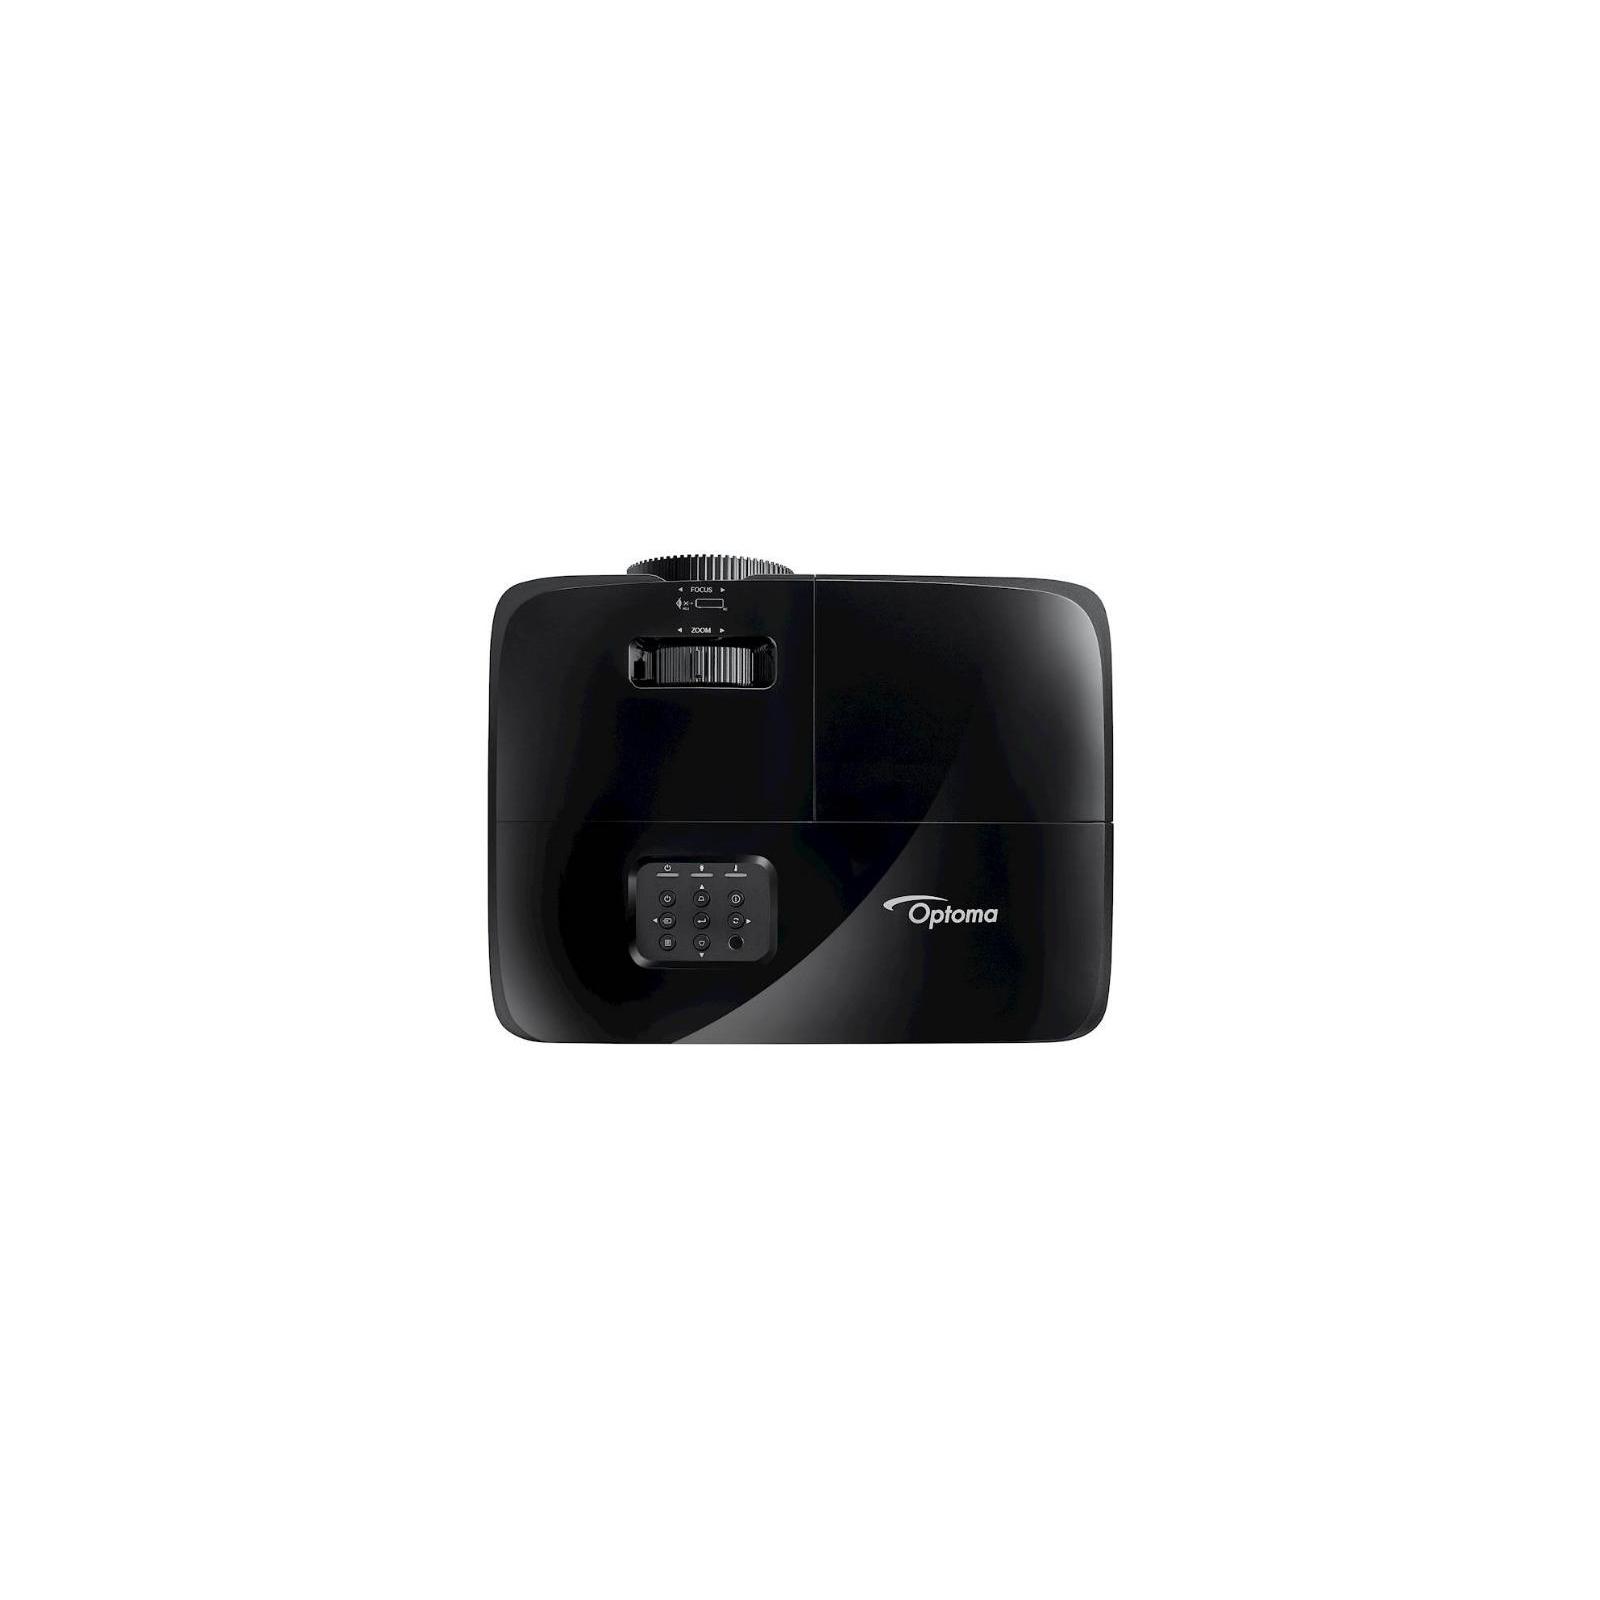 Проектор Optoma X342e изображение 6